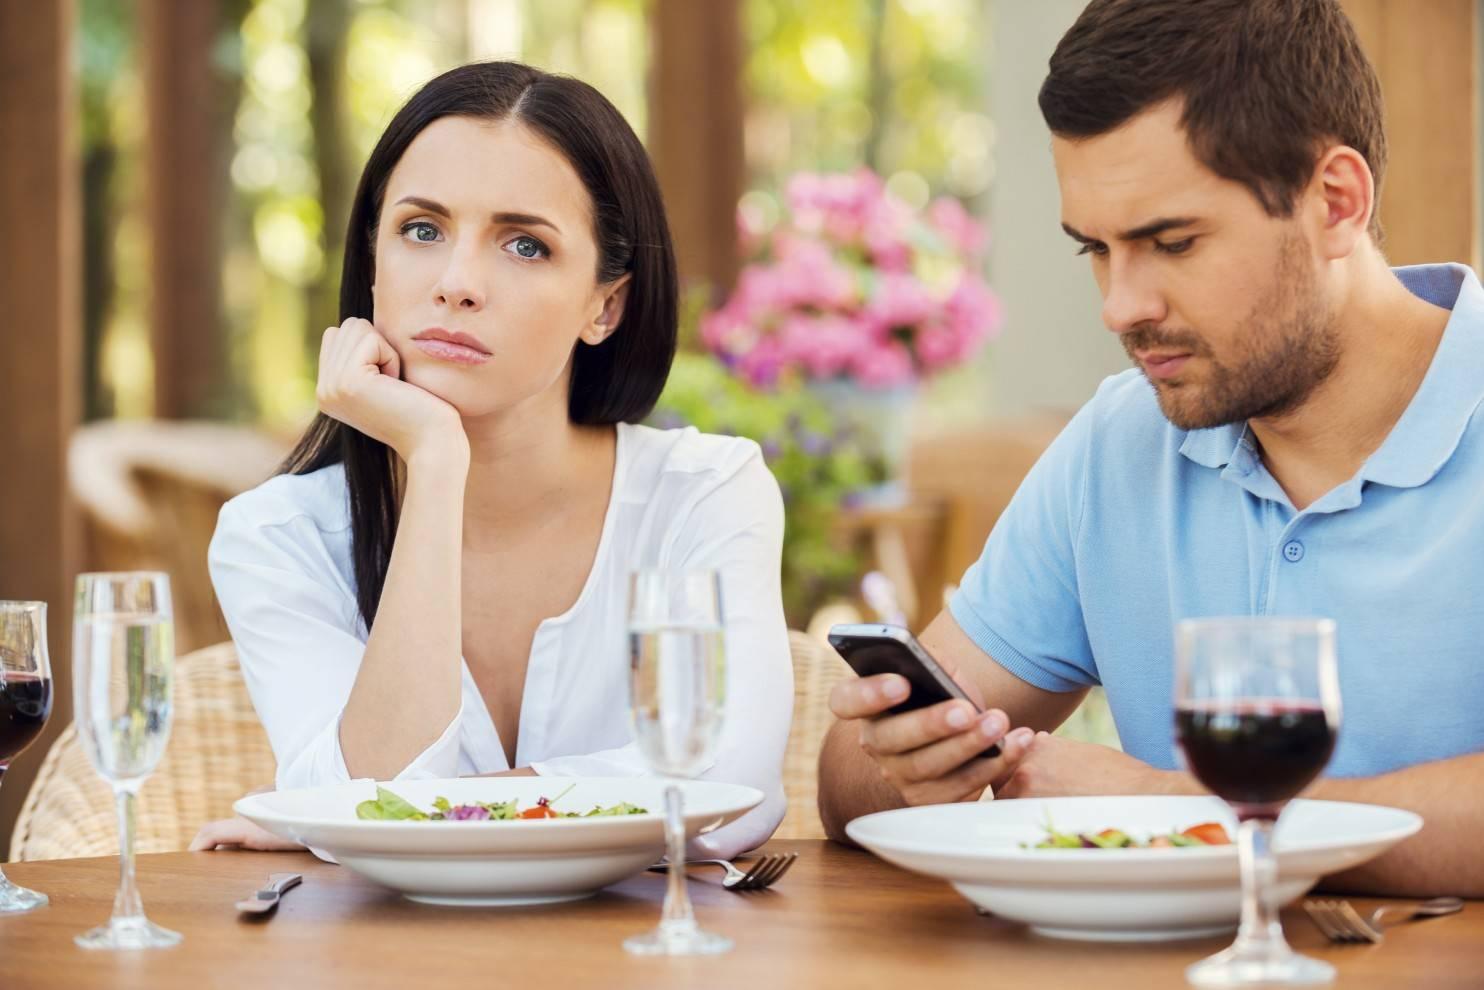 Как начать разговор с незнакомой девушкой, чтобы смело её пригласить на свидание